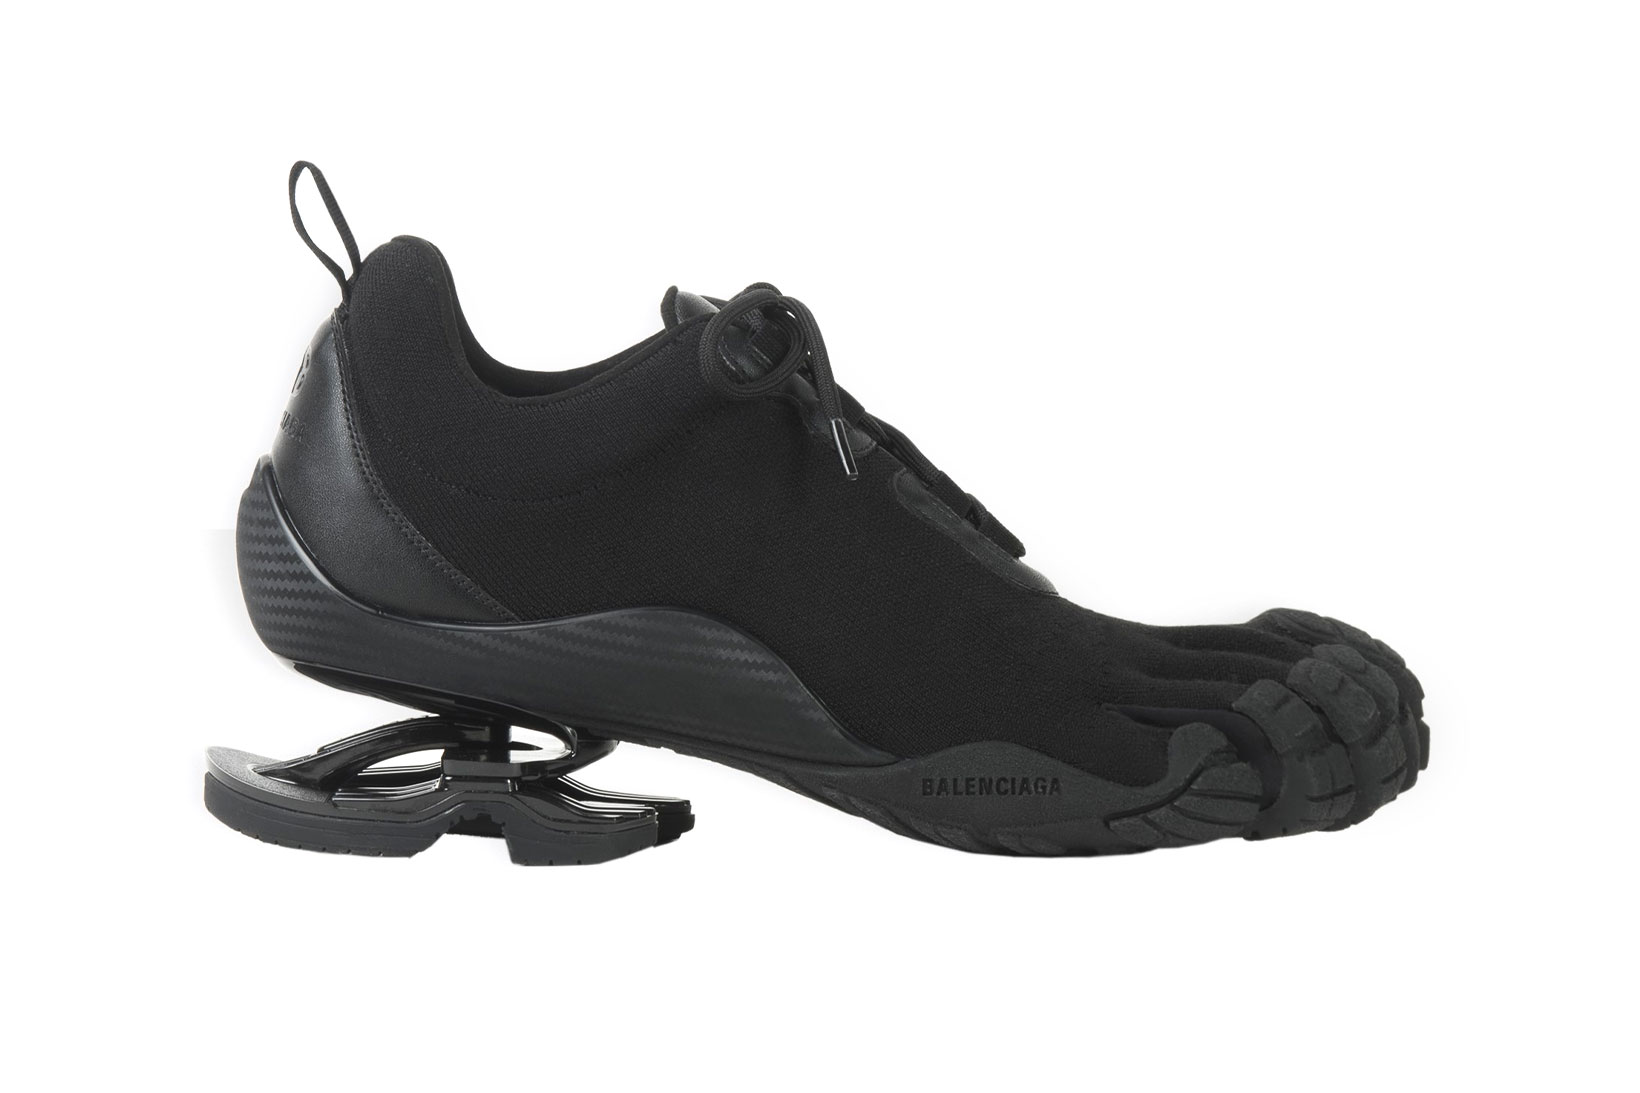 Balenciaga каблуки 4